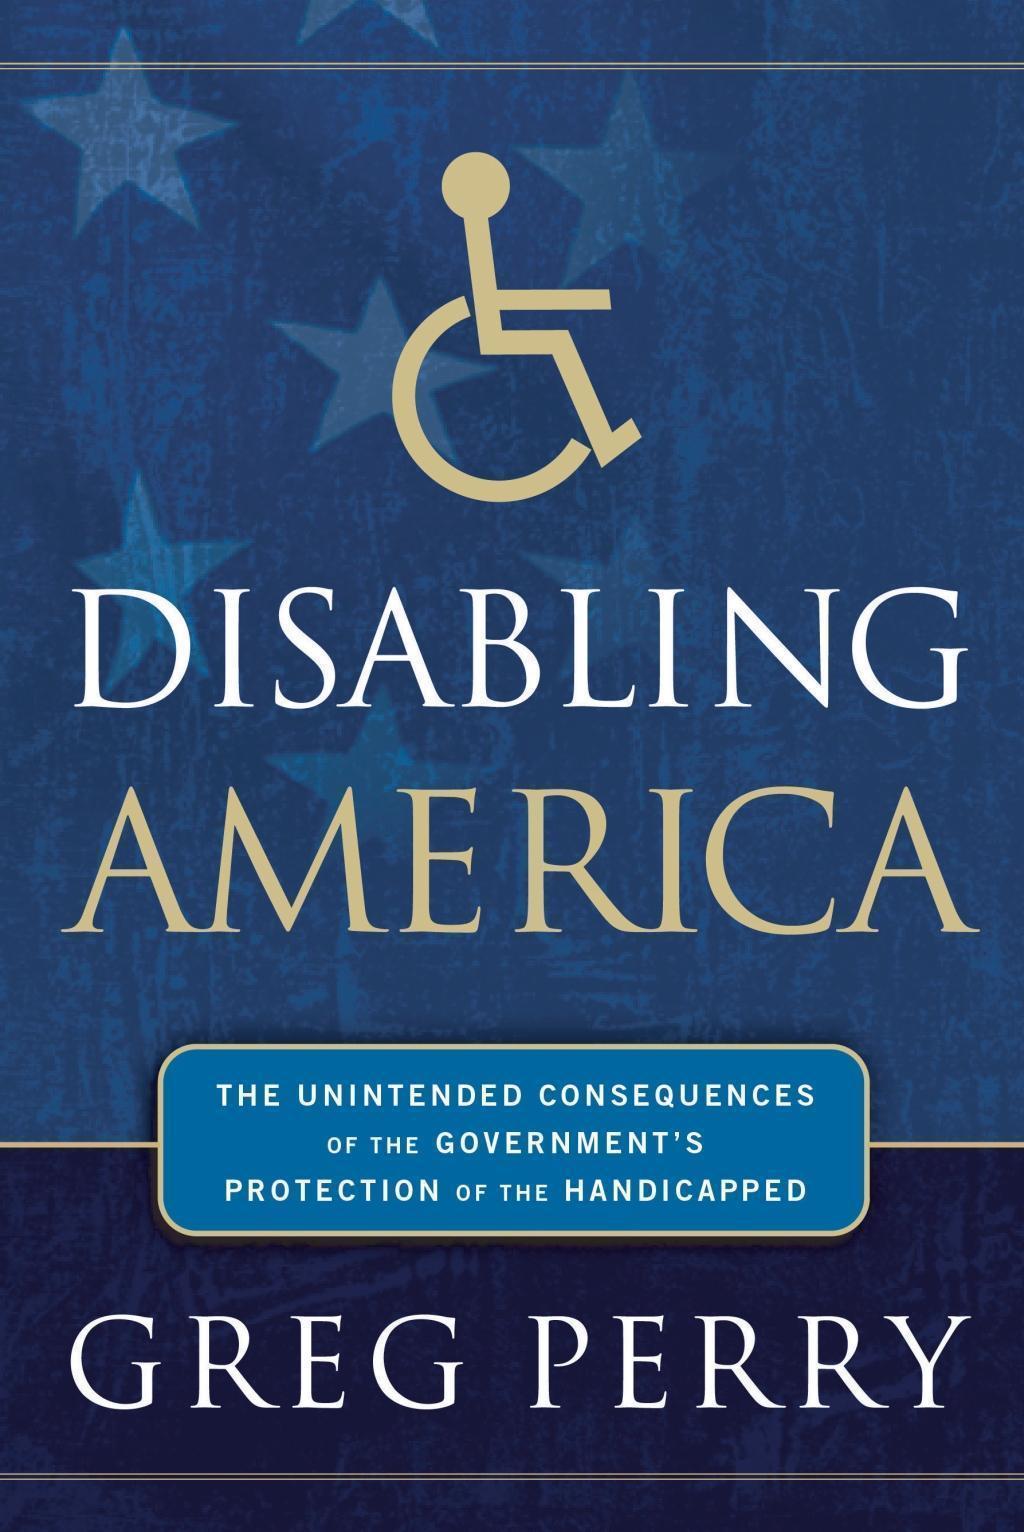 Disabling America